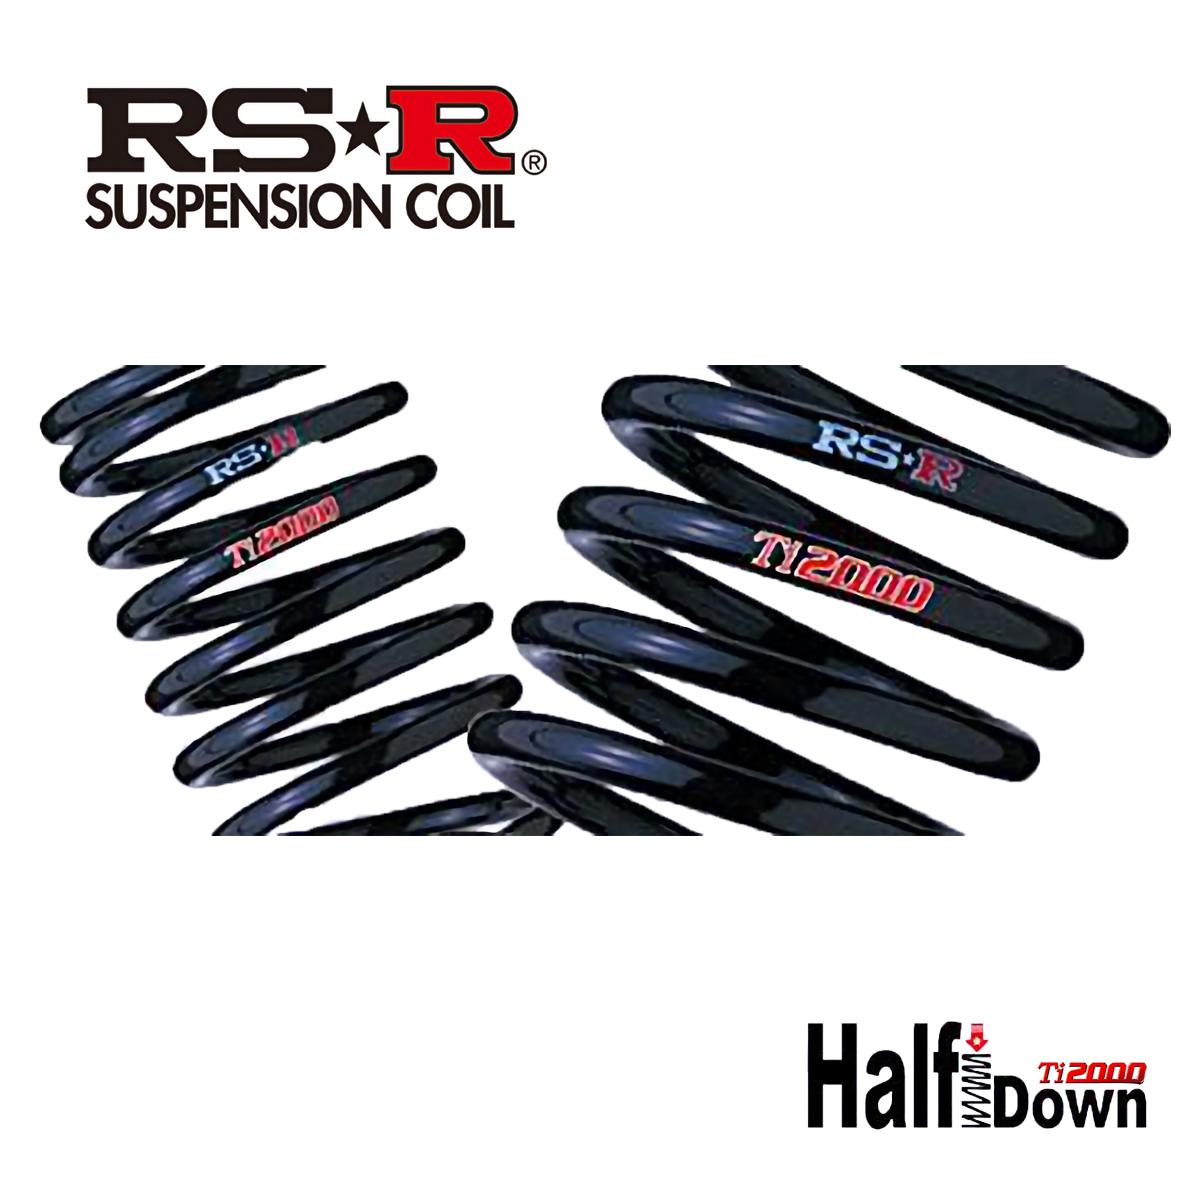 RS-R デイズ B44W ハイウェイスターX ダウンサス スプリング フロント N511THDF Ti2000 ハーフダウン RSR 個人宅発送追金有